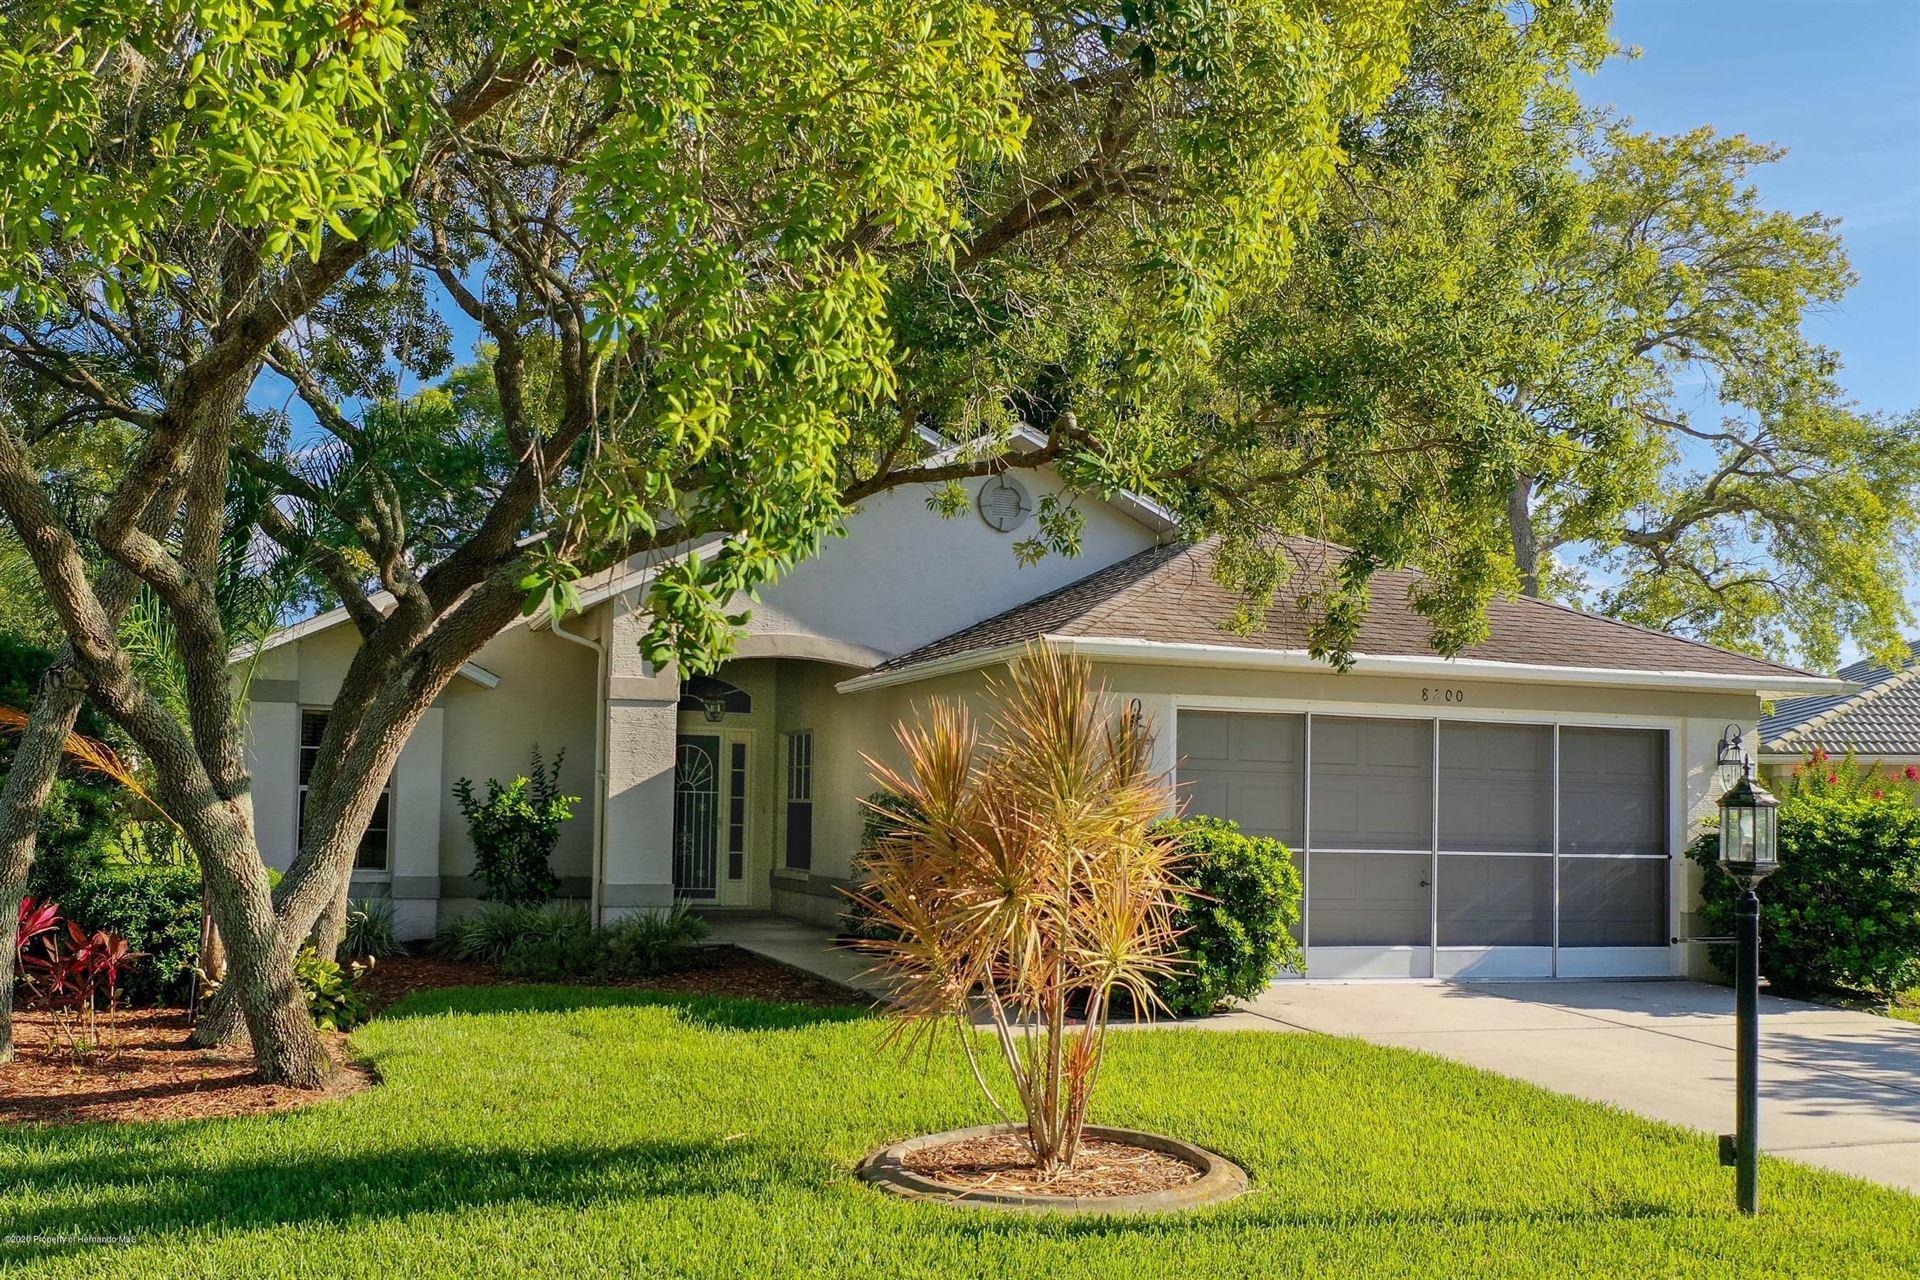 8200 Sugarbush Drive, Spring Hill, FL 34606 - MLS#: 2210044